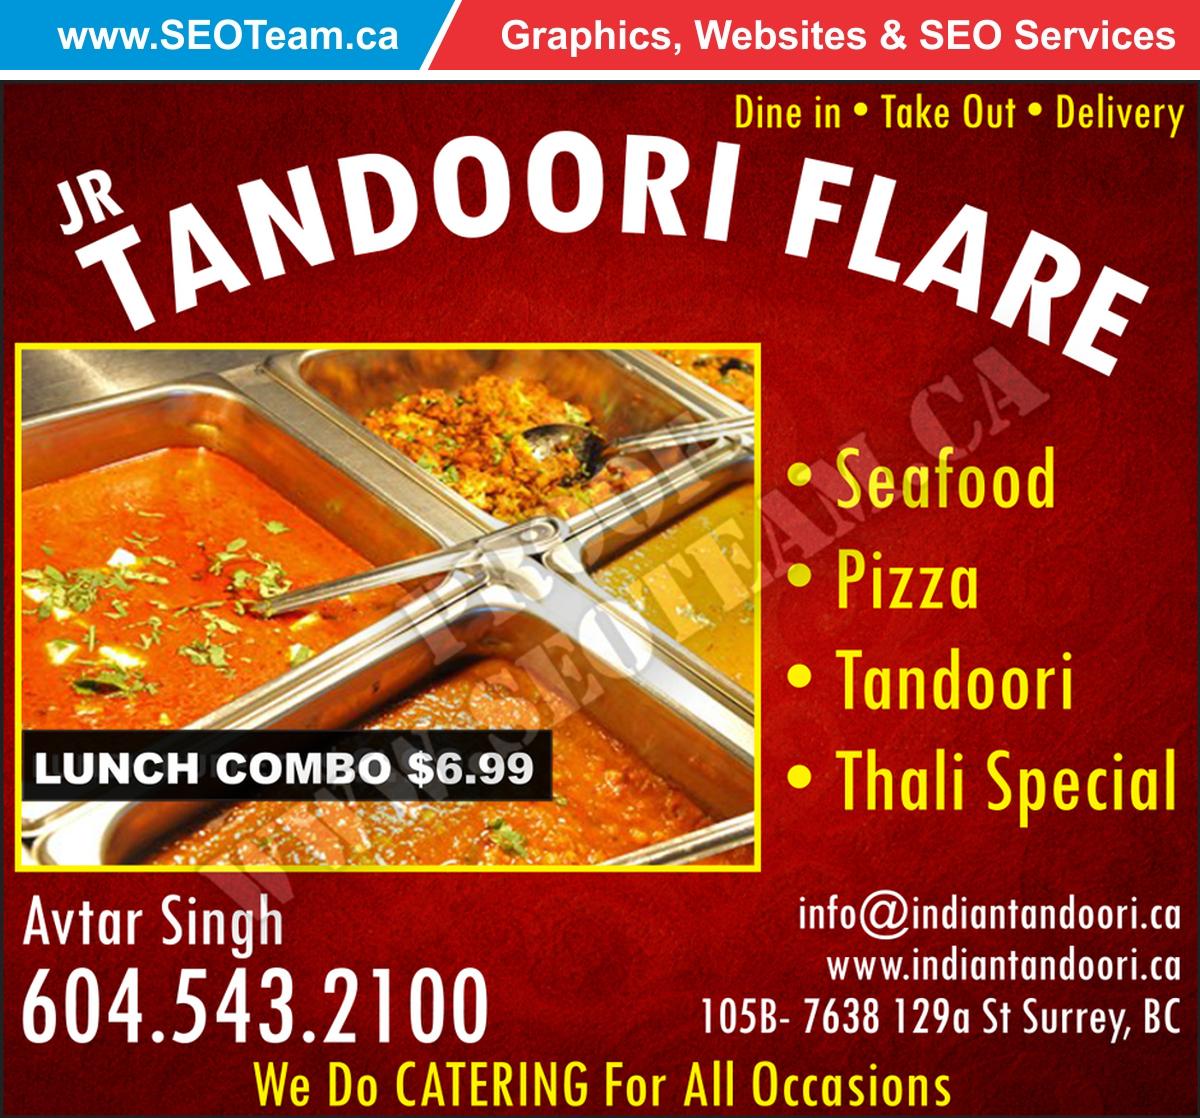 Tandoori Flare – Design By SEOTeam.ca